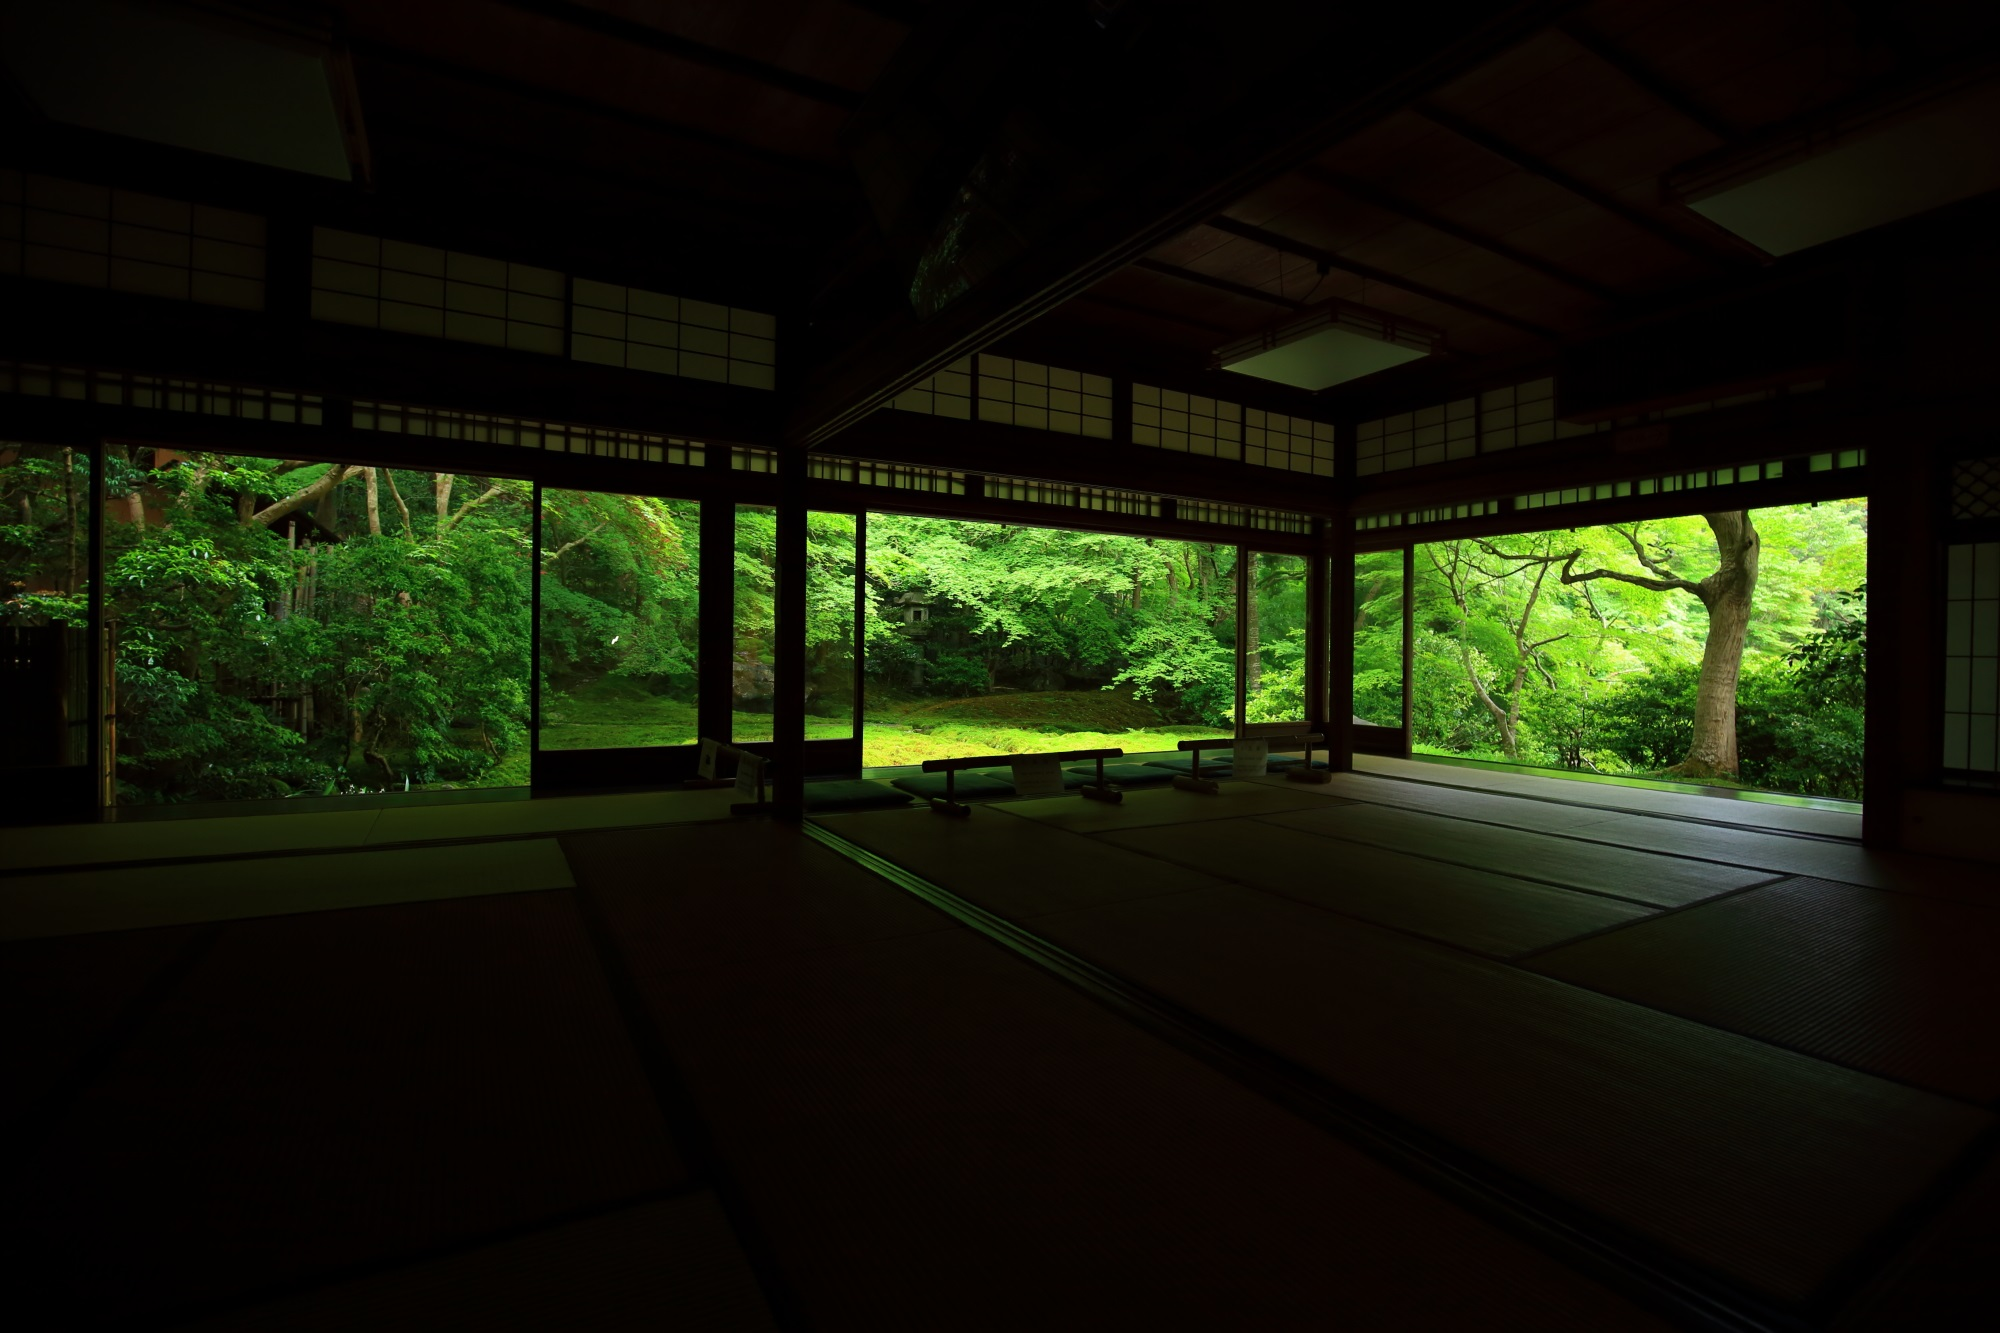 瑠璃光院の美しい新緑の瑠璃の庭